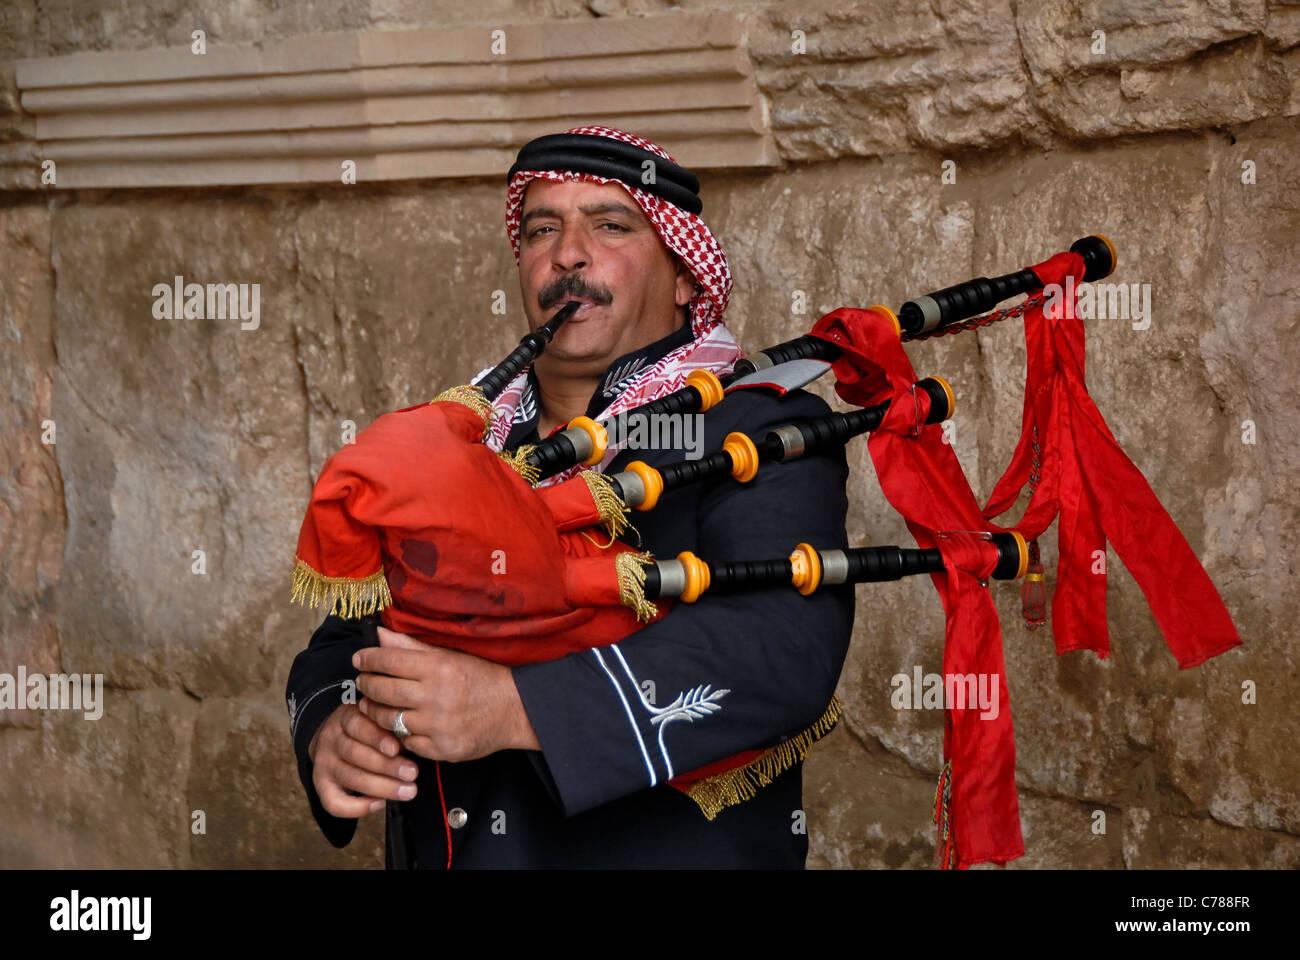 Cornemuse jordanienne avec une cornemuse rouge contre un mur. Banque D'Images